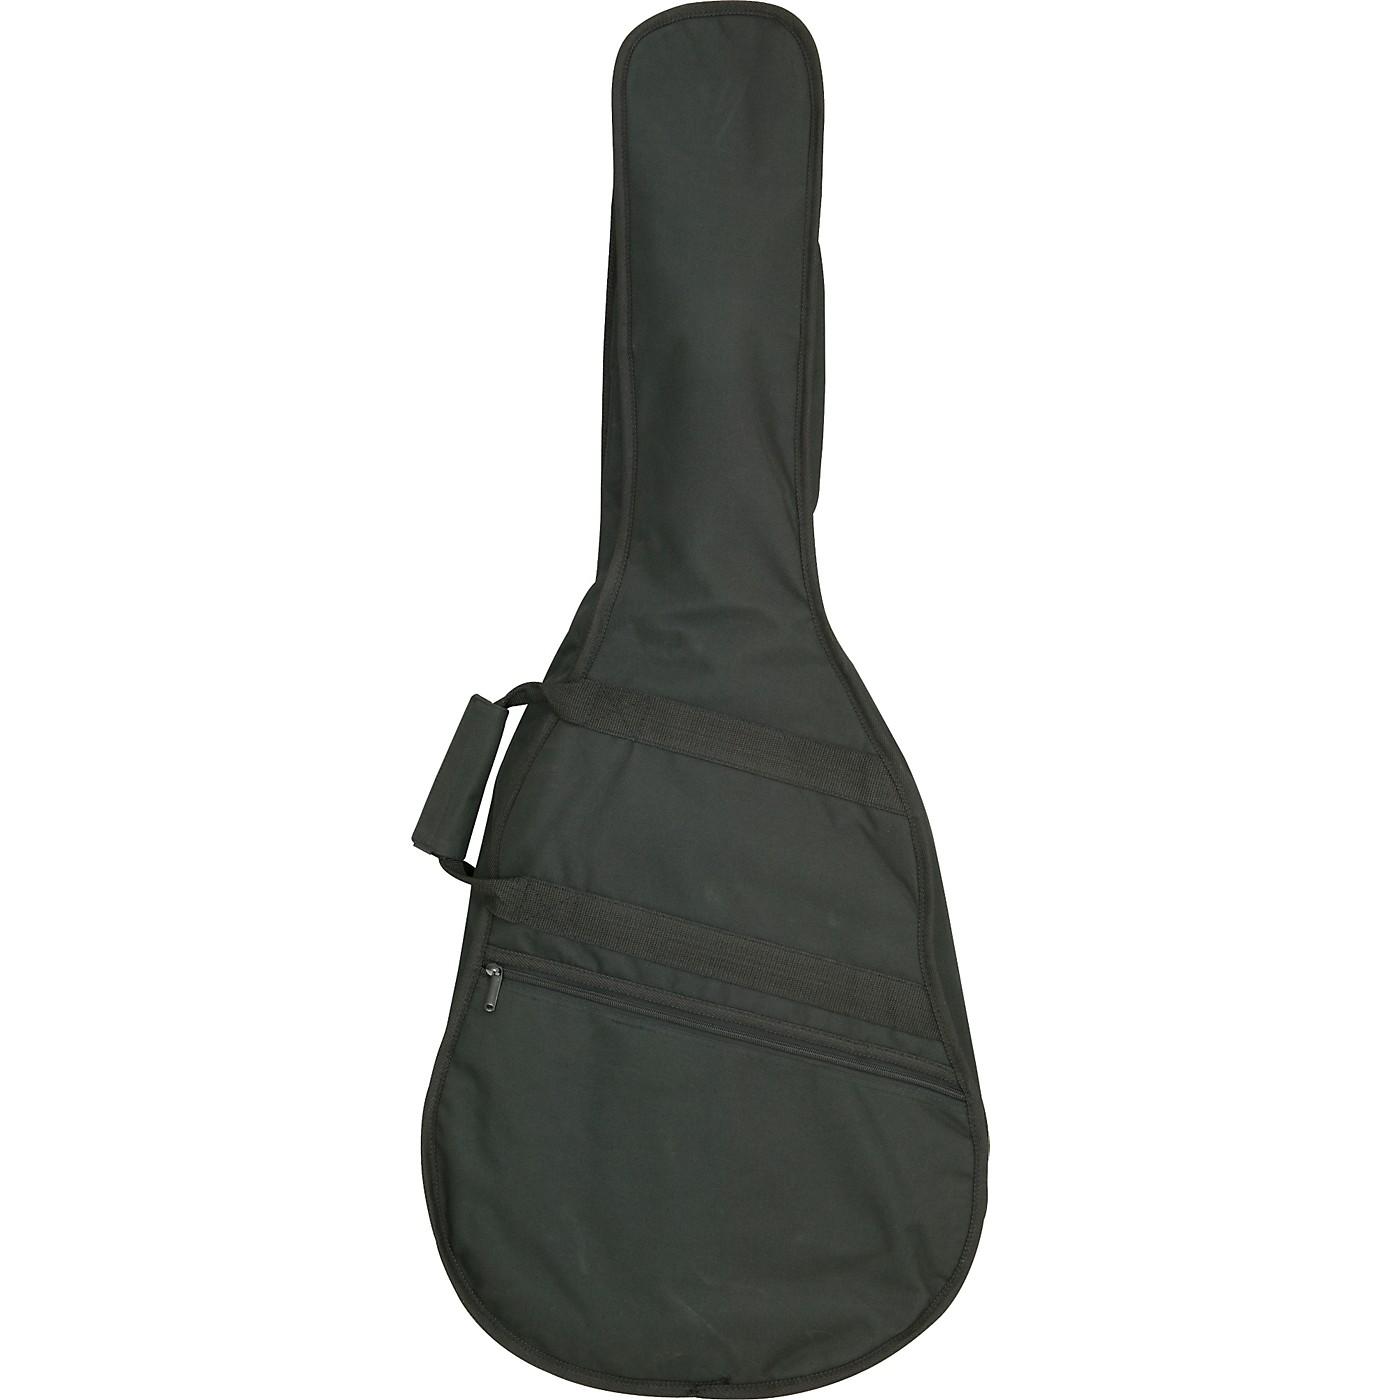 Musician's Gear Classical Guitar Gig Bag thumbnail